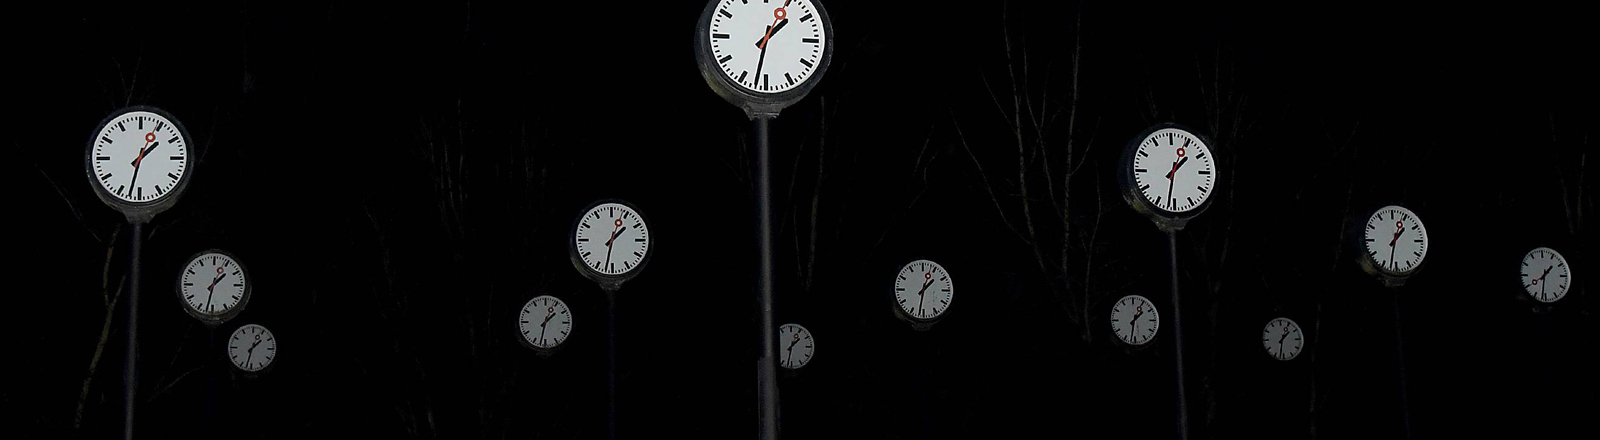 Viele Uhren